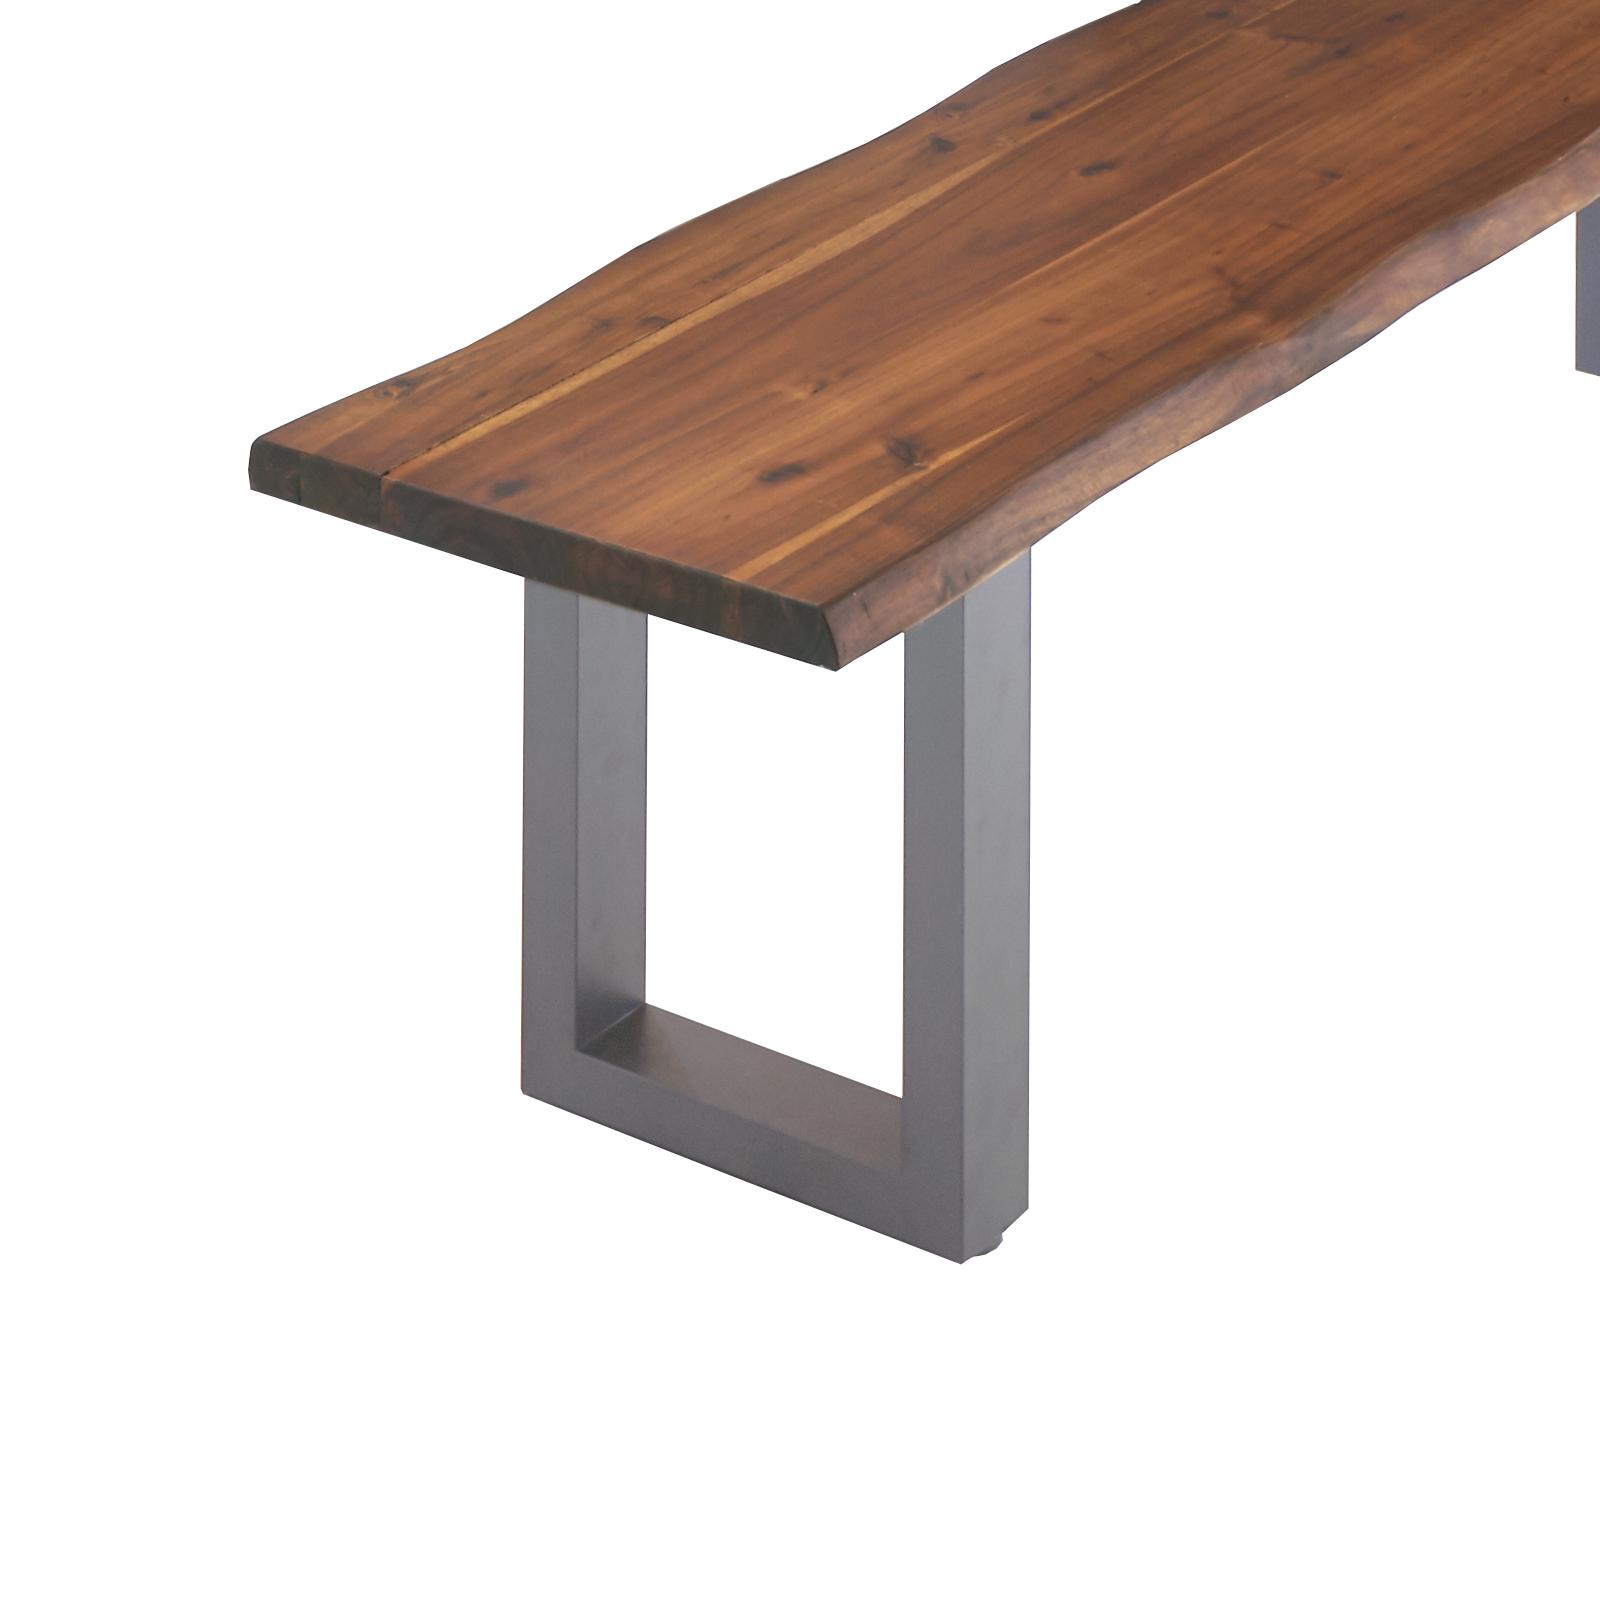 sam sitzbank baumkante 200 cm nussbaum massiv akazie silber milo demn chst. Black Bedroom Furniture Sets. Home Design Ideas